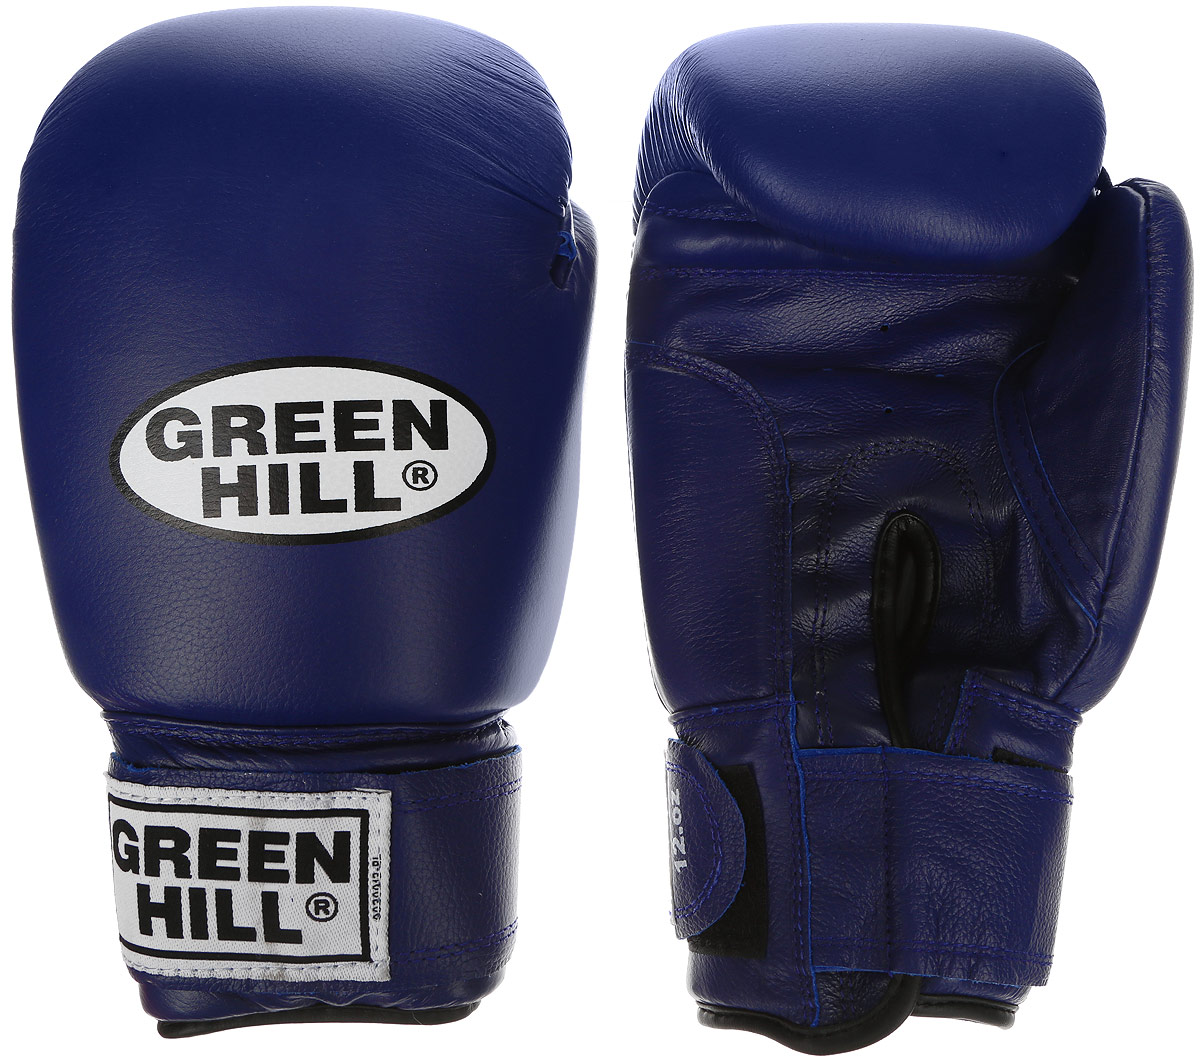 Перчатки боксерские Green Hill Super Star, цвет: синий, белый. Вес 16 унций. BGS-1213сBGPS-2012Боксерские перчатки Green Hill Super Star предназначены для использования профессионалами. Подойдут для спаррингов и соревнований. Верх выполнен из натуральной кожи, наполнитель - из вспененного полимера. Отверстие в области ладони позволяет создать максимально комфортный терморежим во время занятий. Манжет на липучке способствует быстрому и удобному надеванию перчаток, плотно фиксирует перчатки на руке.